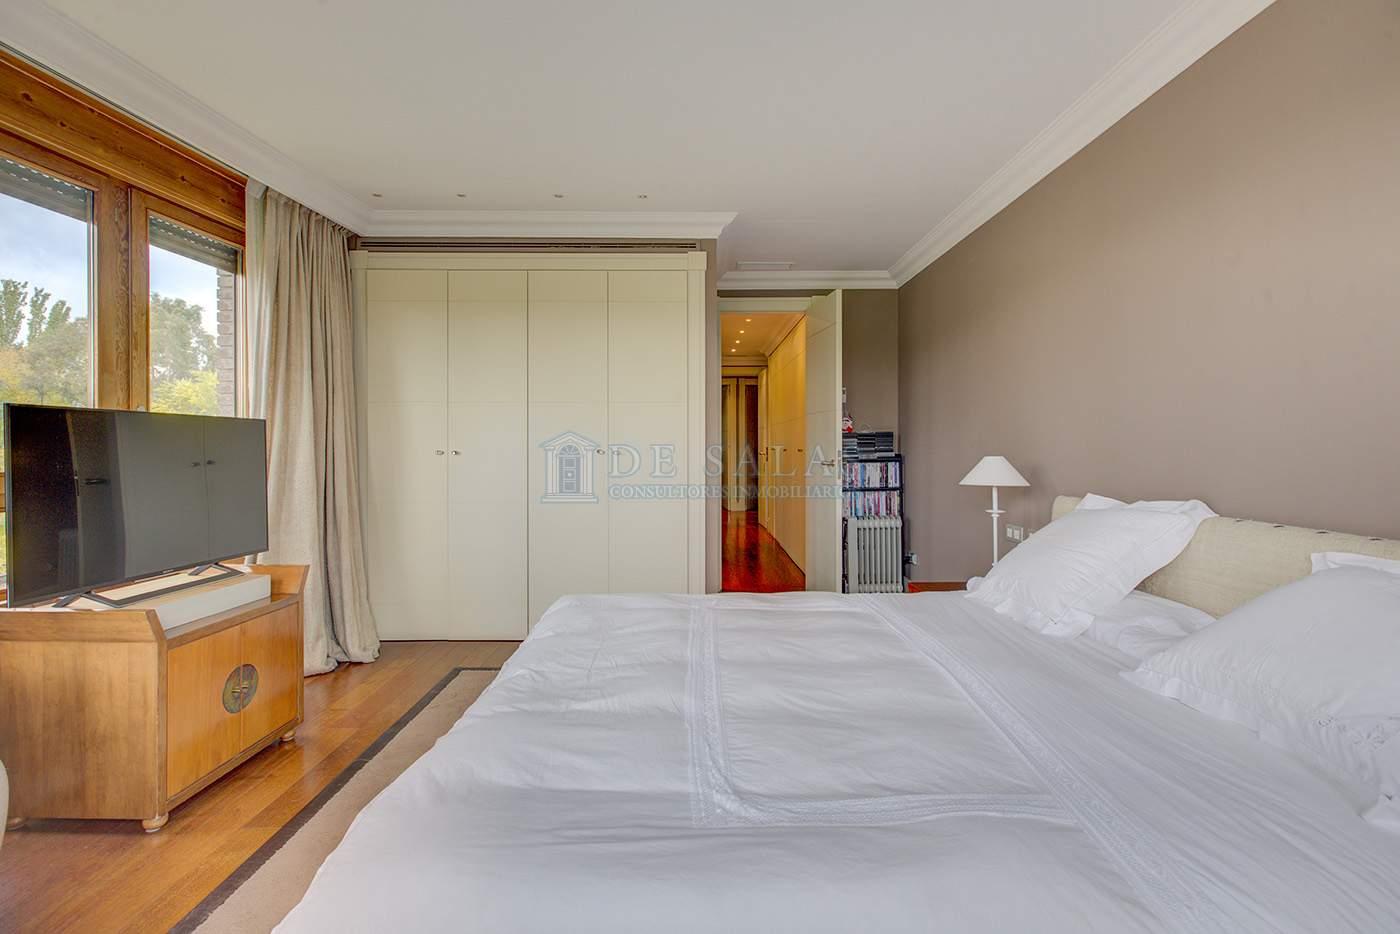 Dormitorio-IMG_8274_5_6 copia